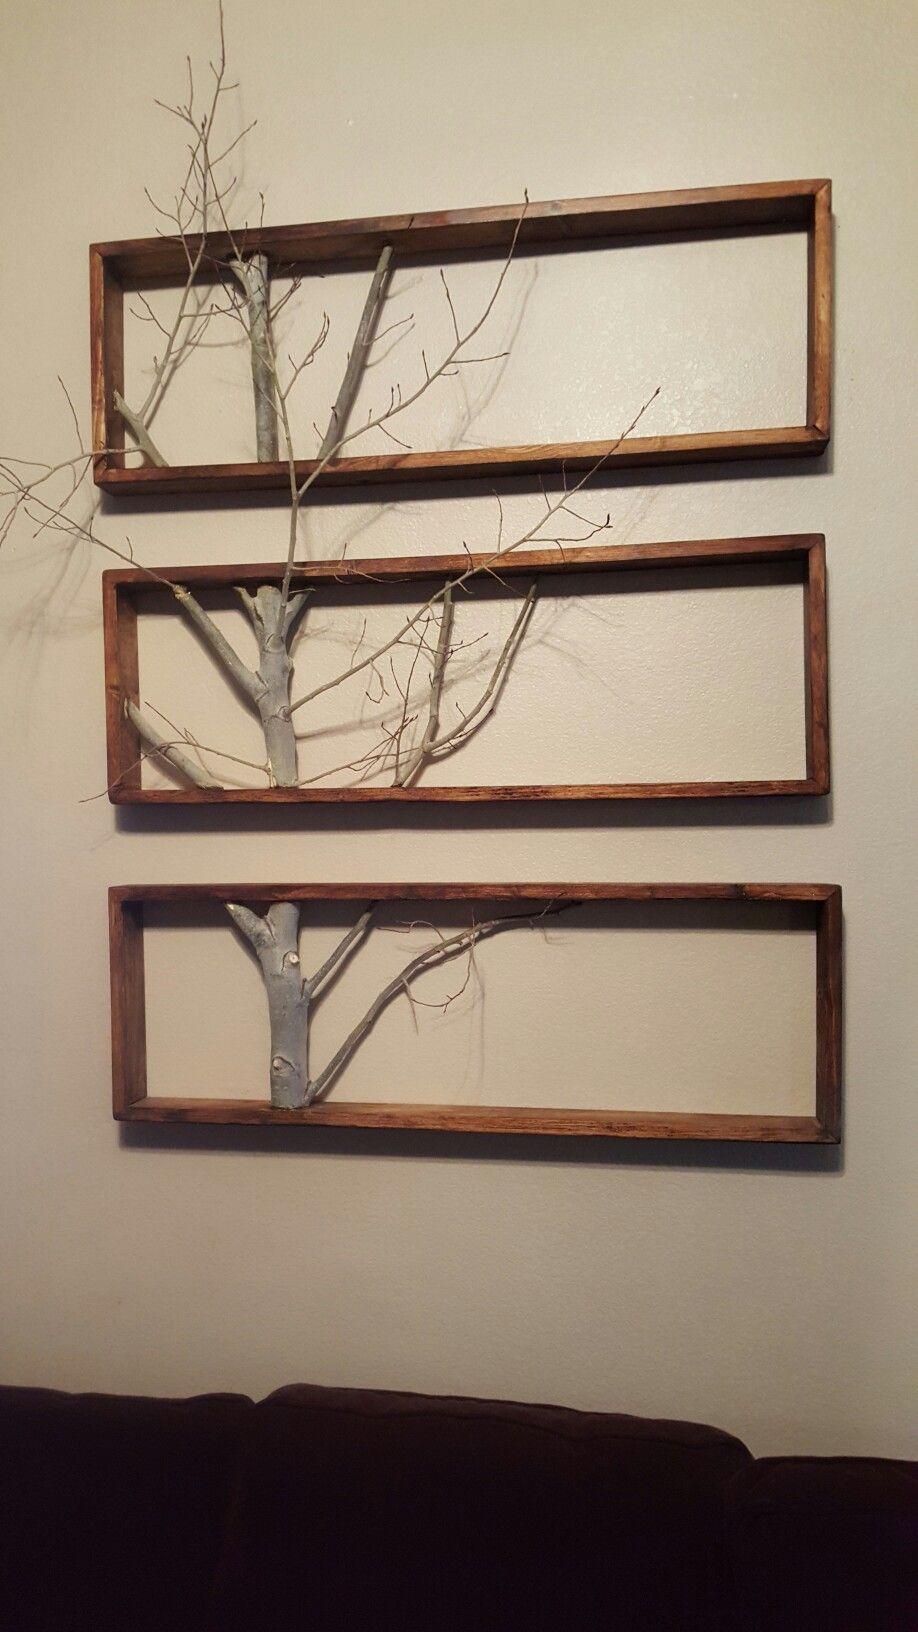 Framed Tree Branch Pallet Wall Decor Diy Wall Decor Wood Pallet Wall Decor